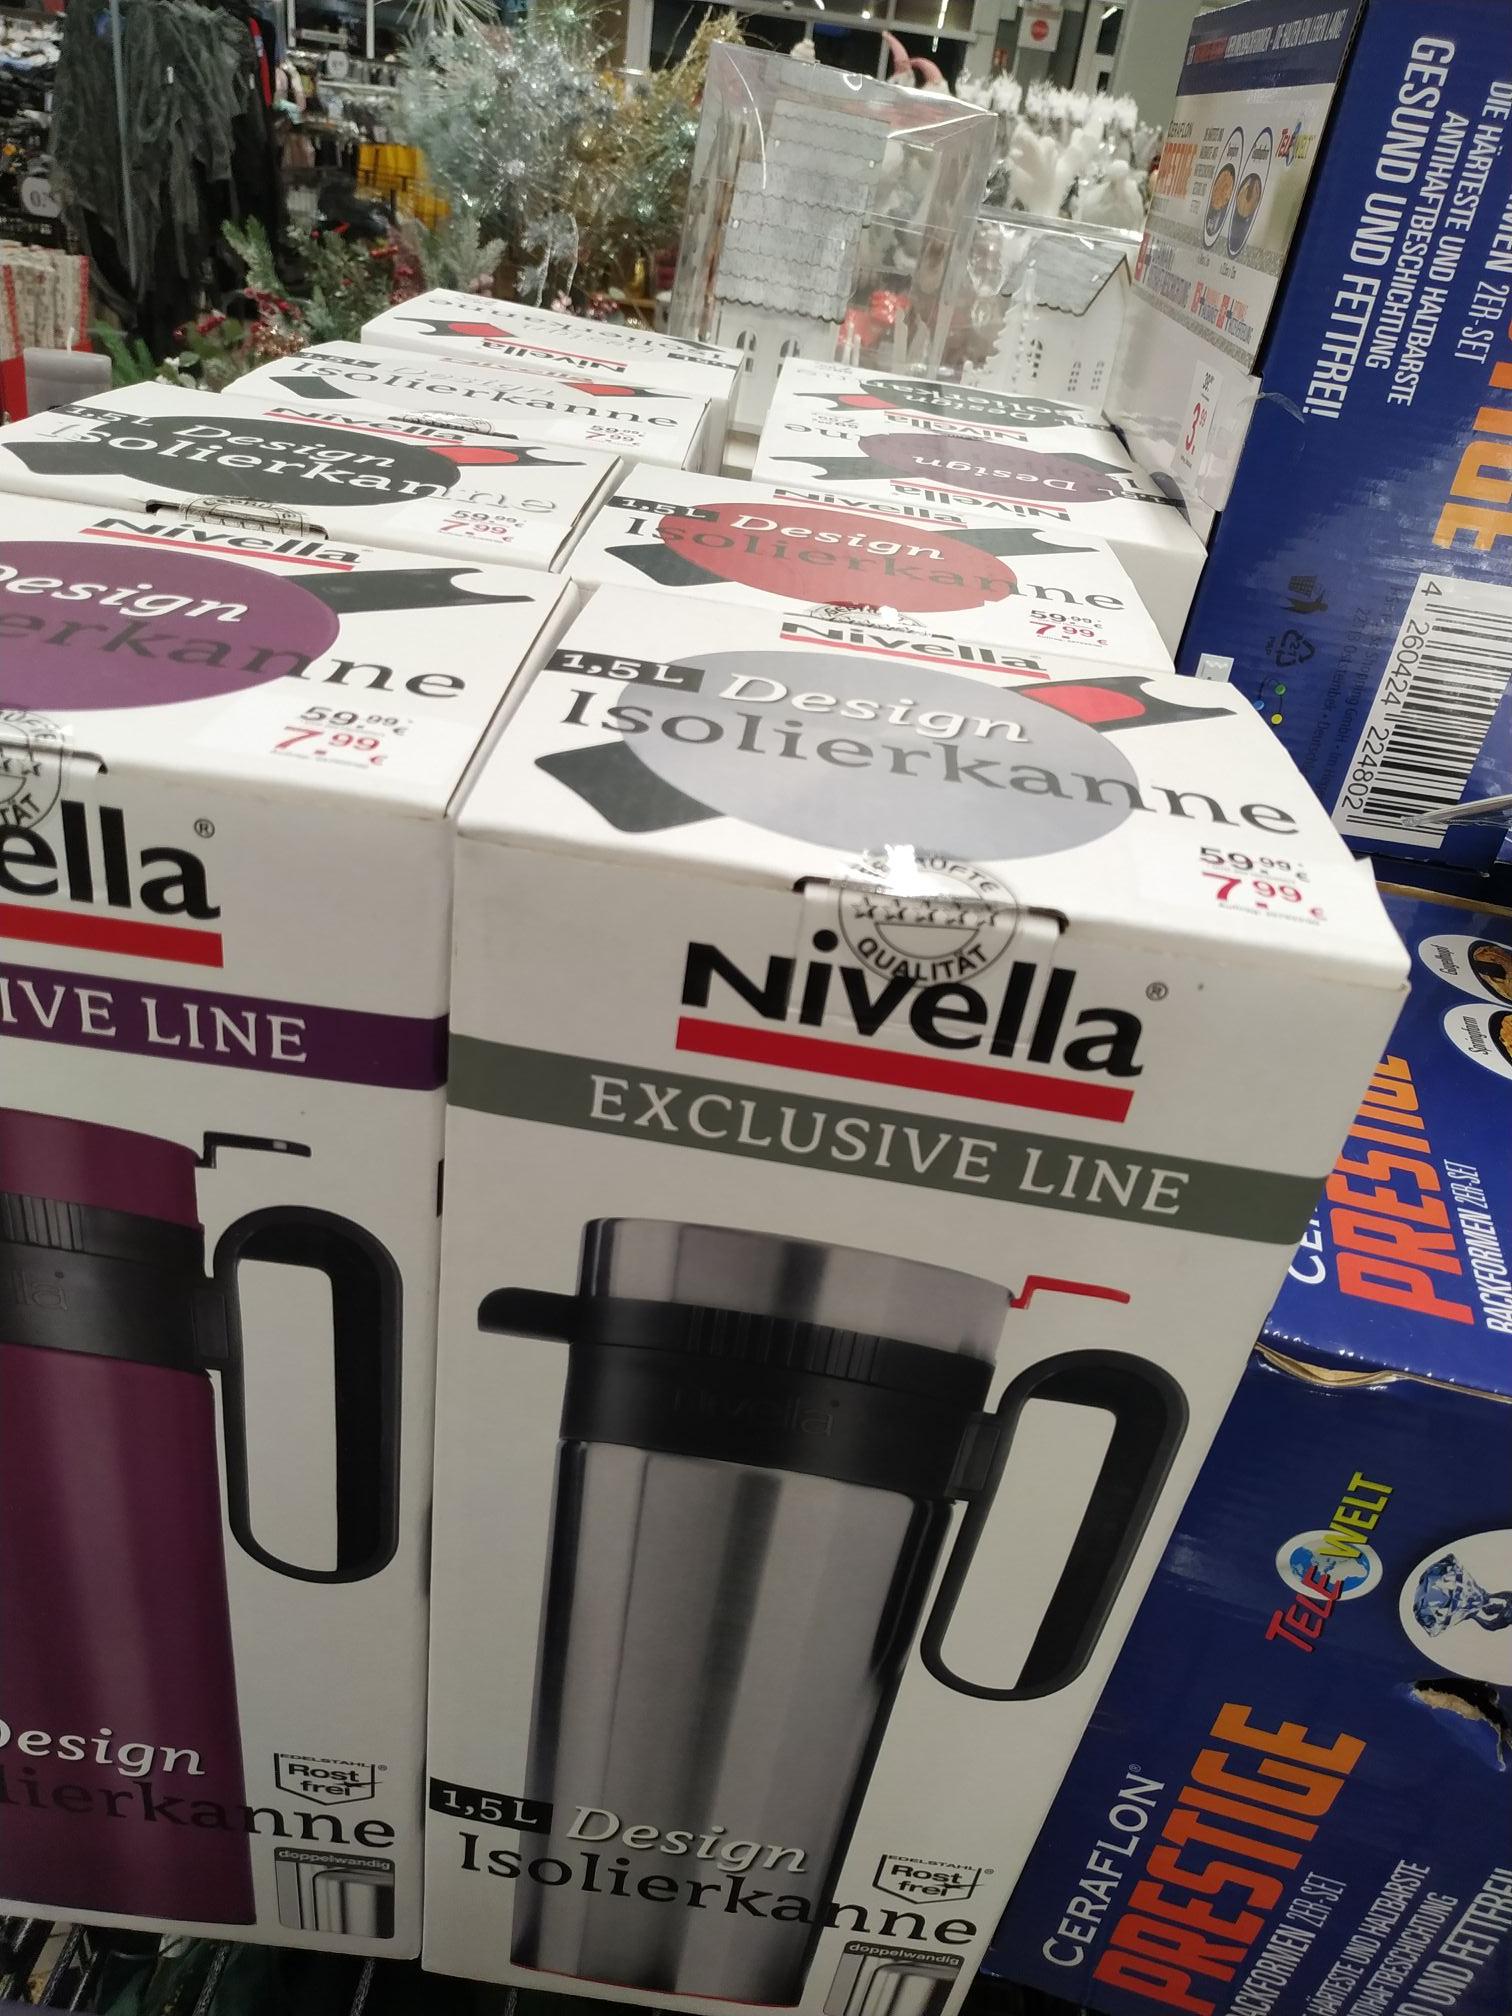 (Bundesweit) Nivella Thermoskanne 1,5l Isolierkanne verschiedene Farben - Woolworth